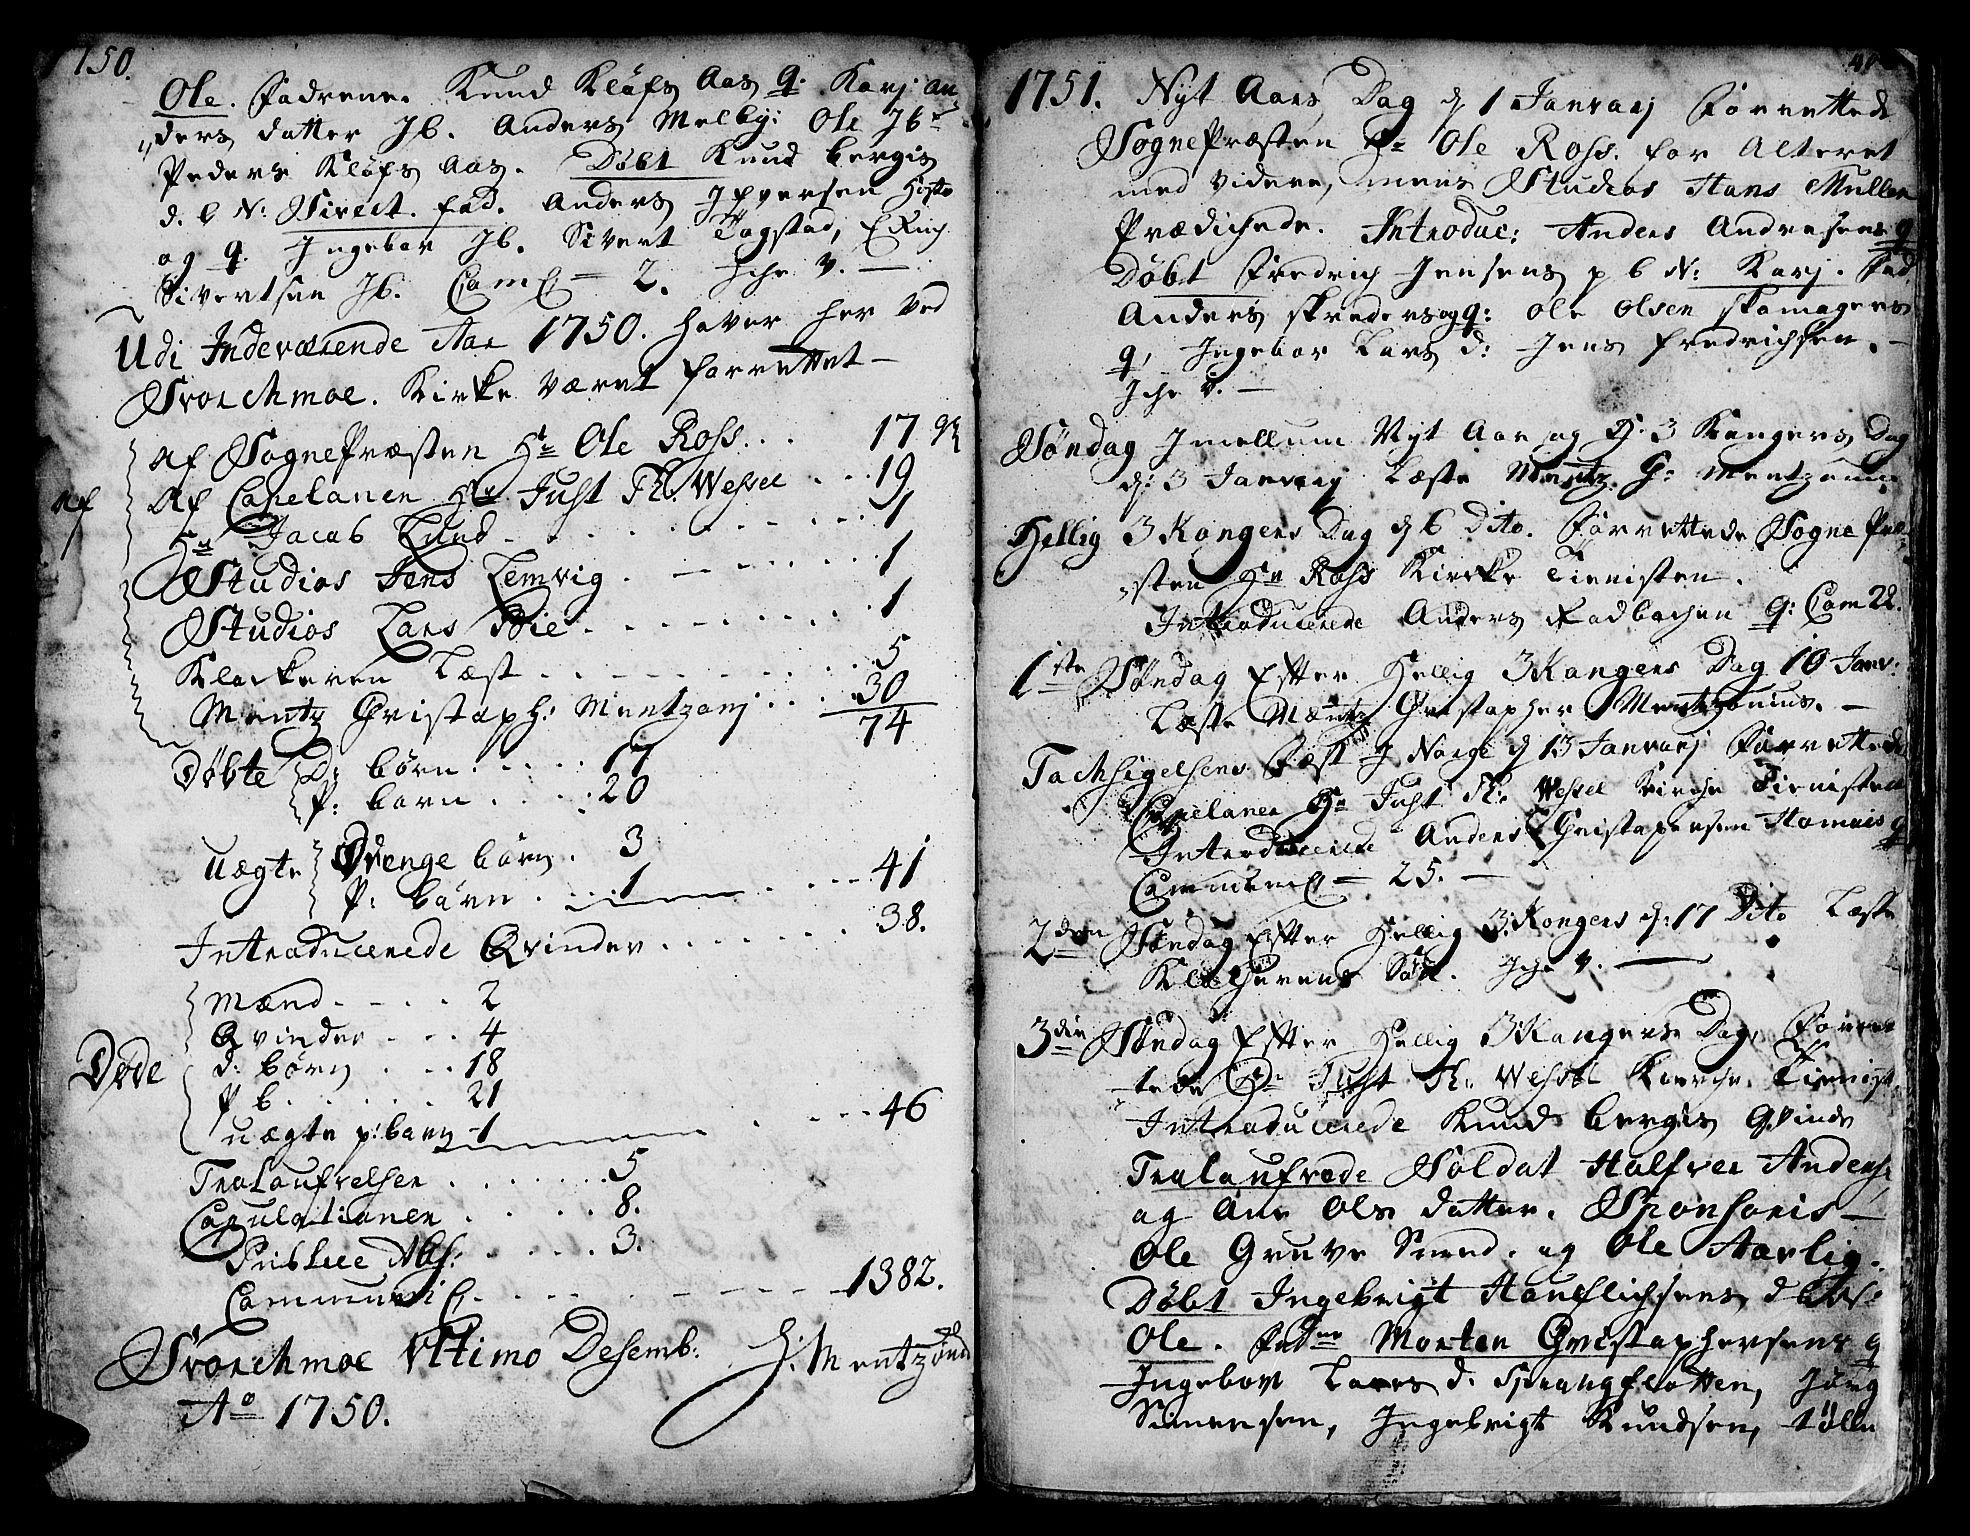 SAT, Ministerialprotokoller, klokkerbøker og fødselsregistre - Sør-Trøndelag, 671/L0839: Ministerialbok nr. 671A01, 1730-1755, s. 405-406